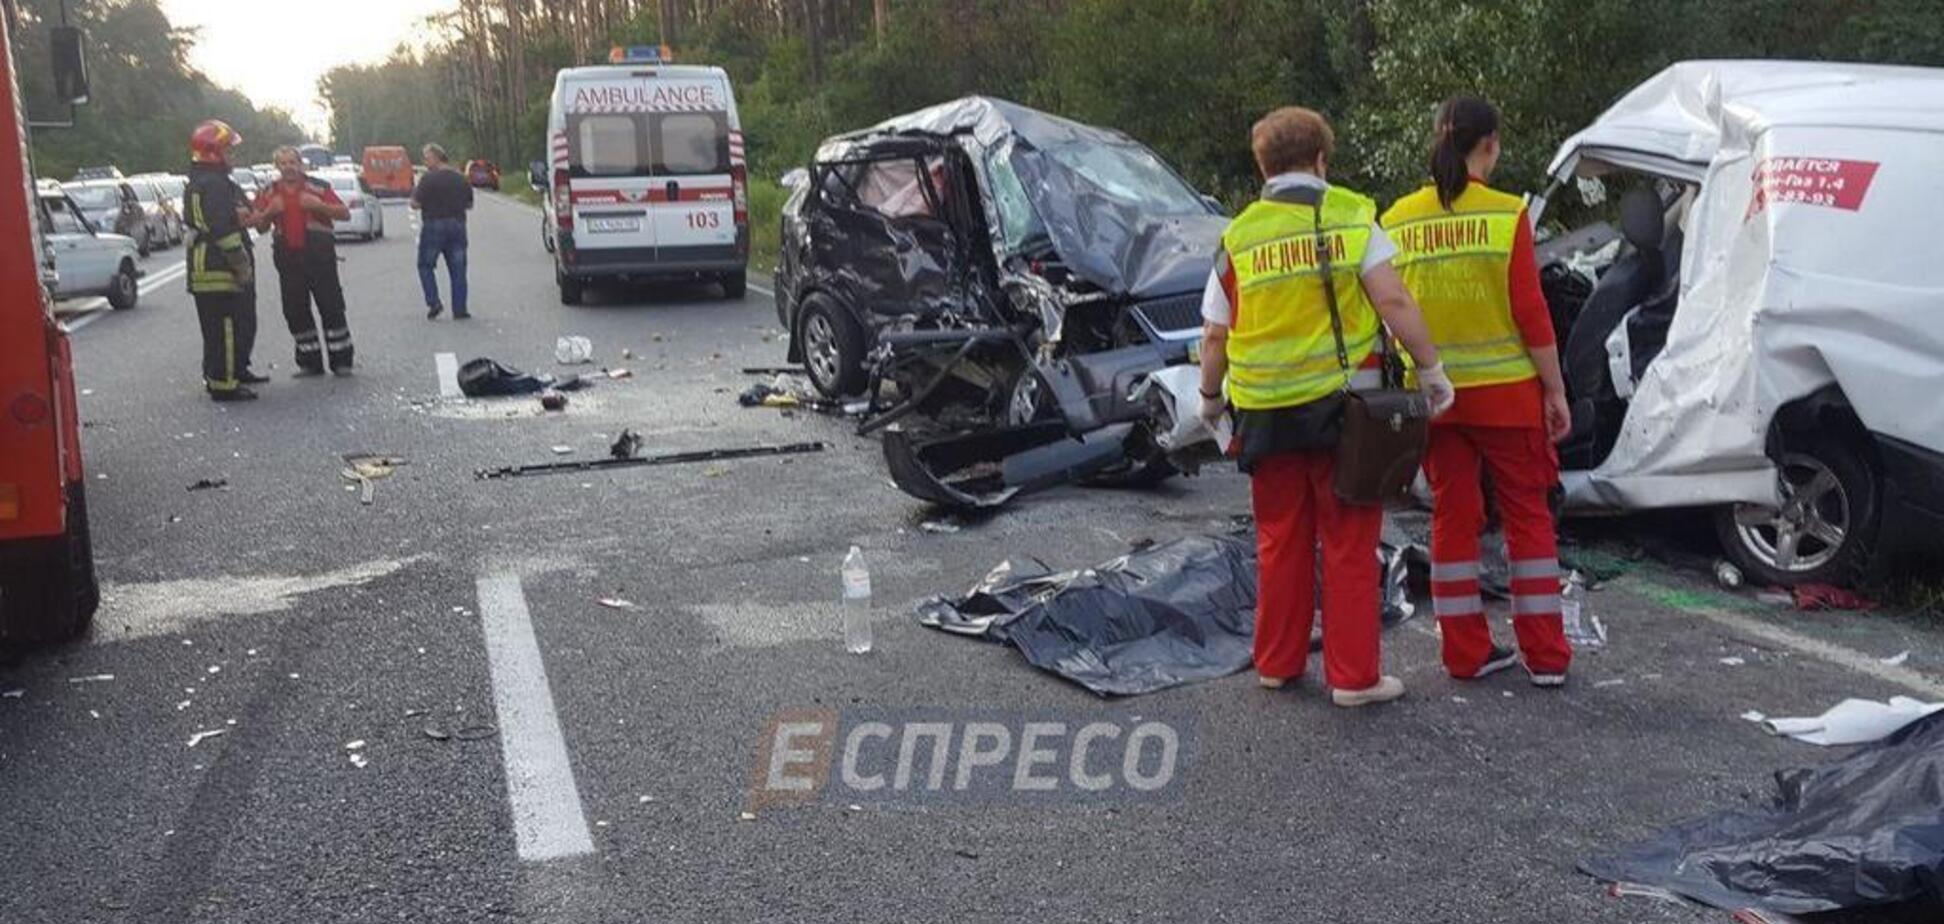 Смертельное ДТП под Киевом: раскрыты детали масштабной автокатастрофы